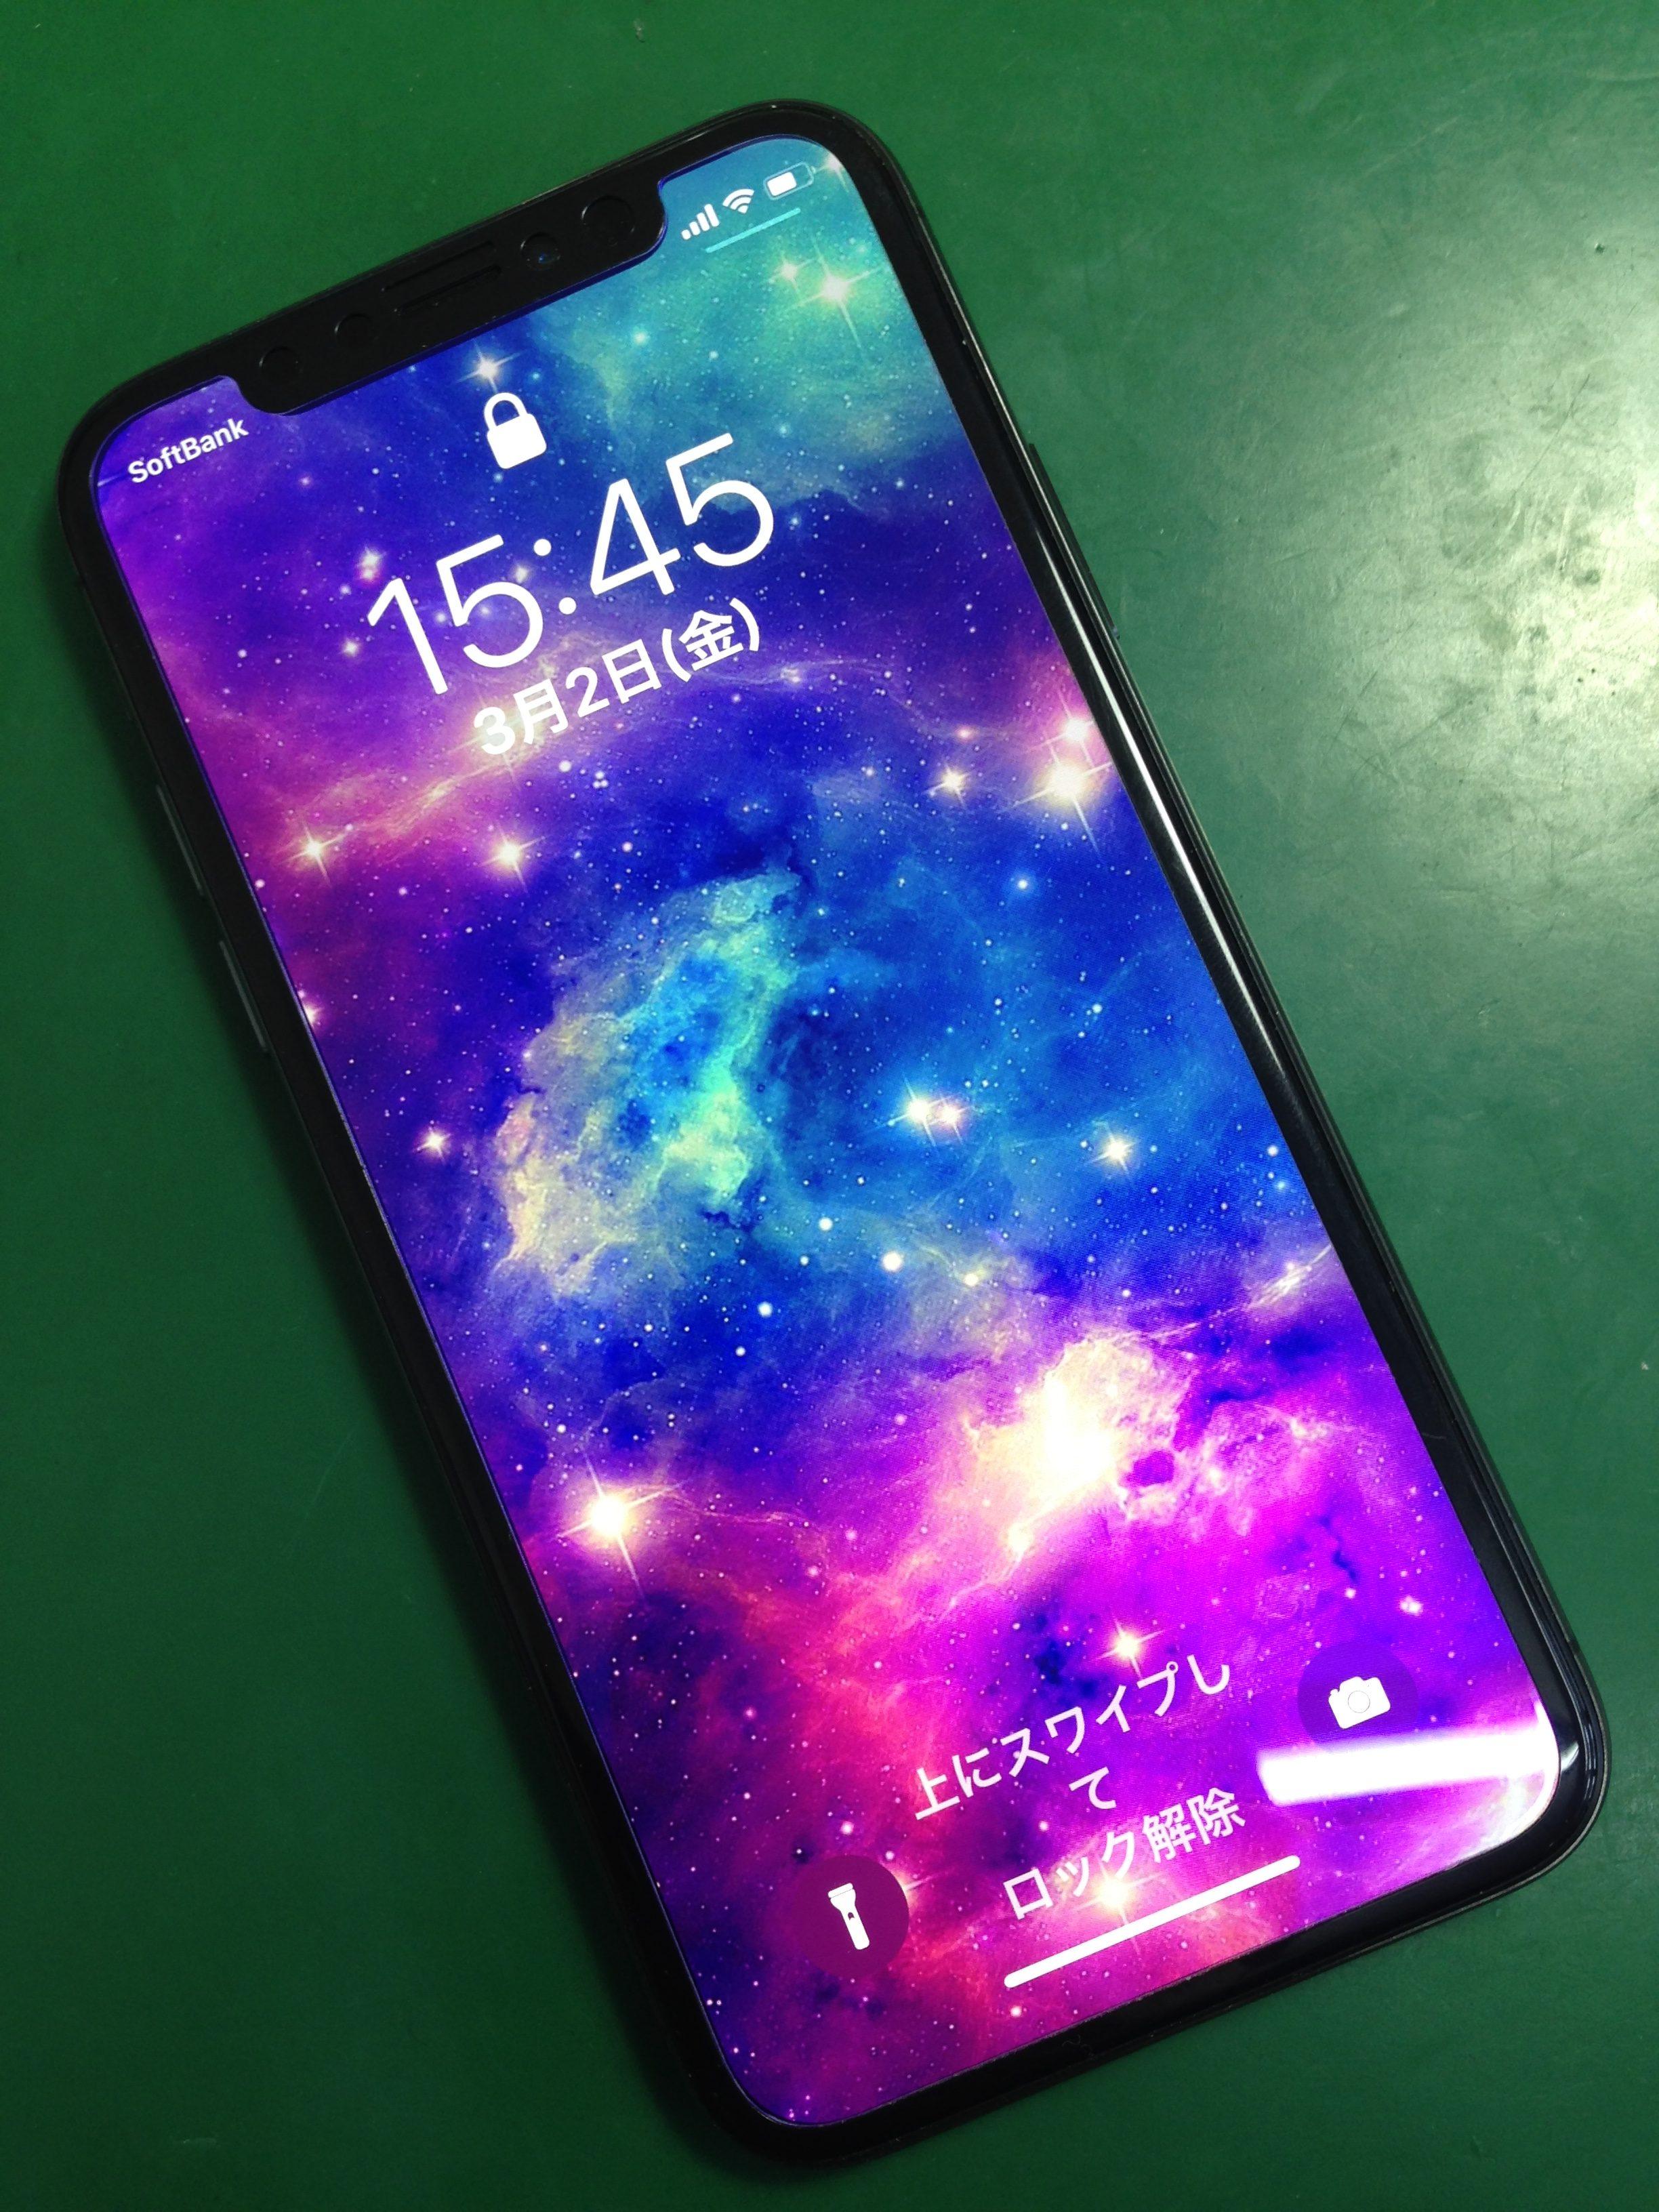 そこで、自分のiPhoneも、「銀河」を画像検索して、似たような画像壁紙に設定しました。  いつも見慣れているiPhoneも、待ち受け画面が変わると、新鮮な気持ちになって ...